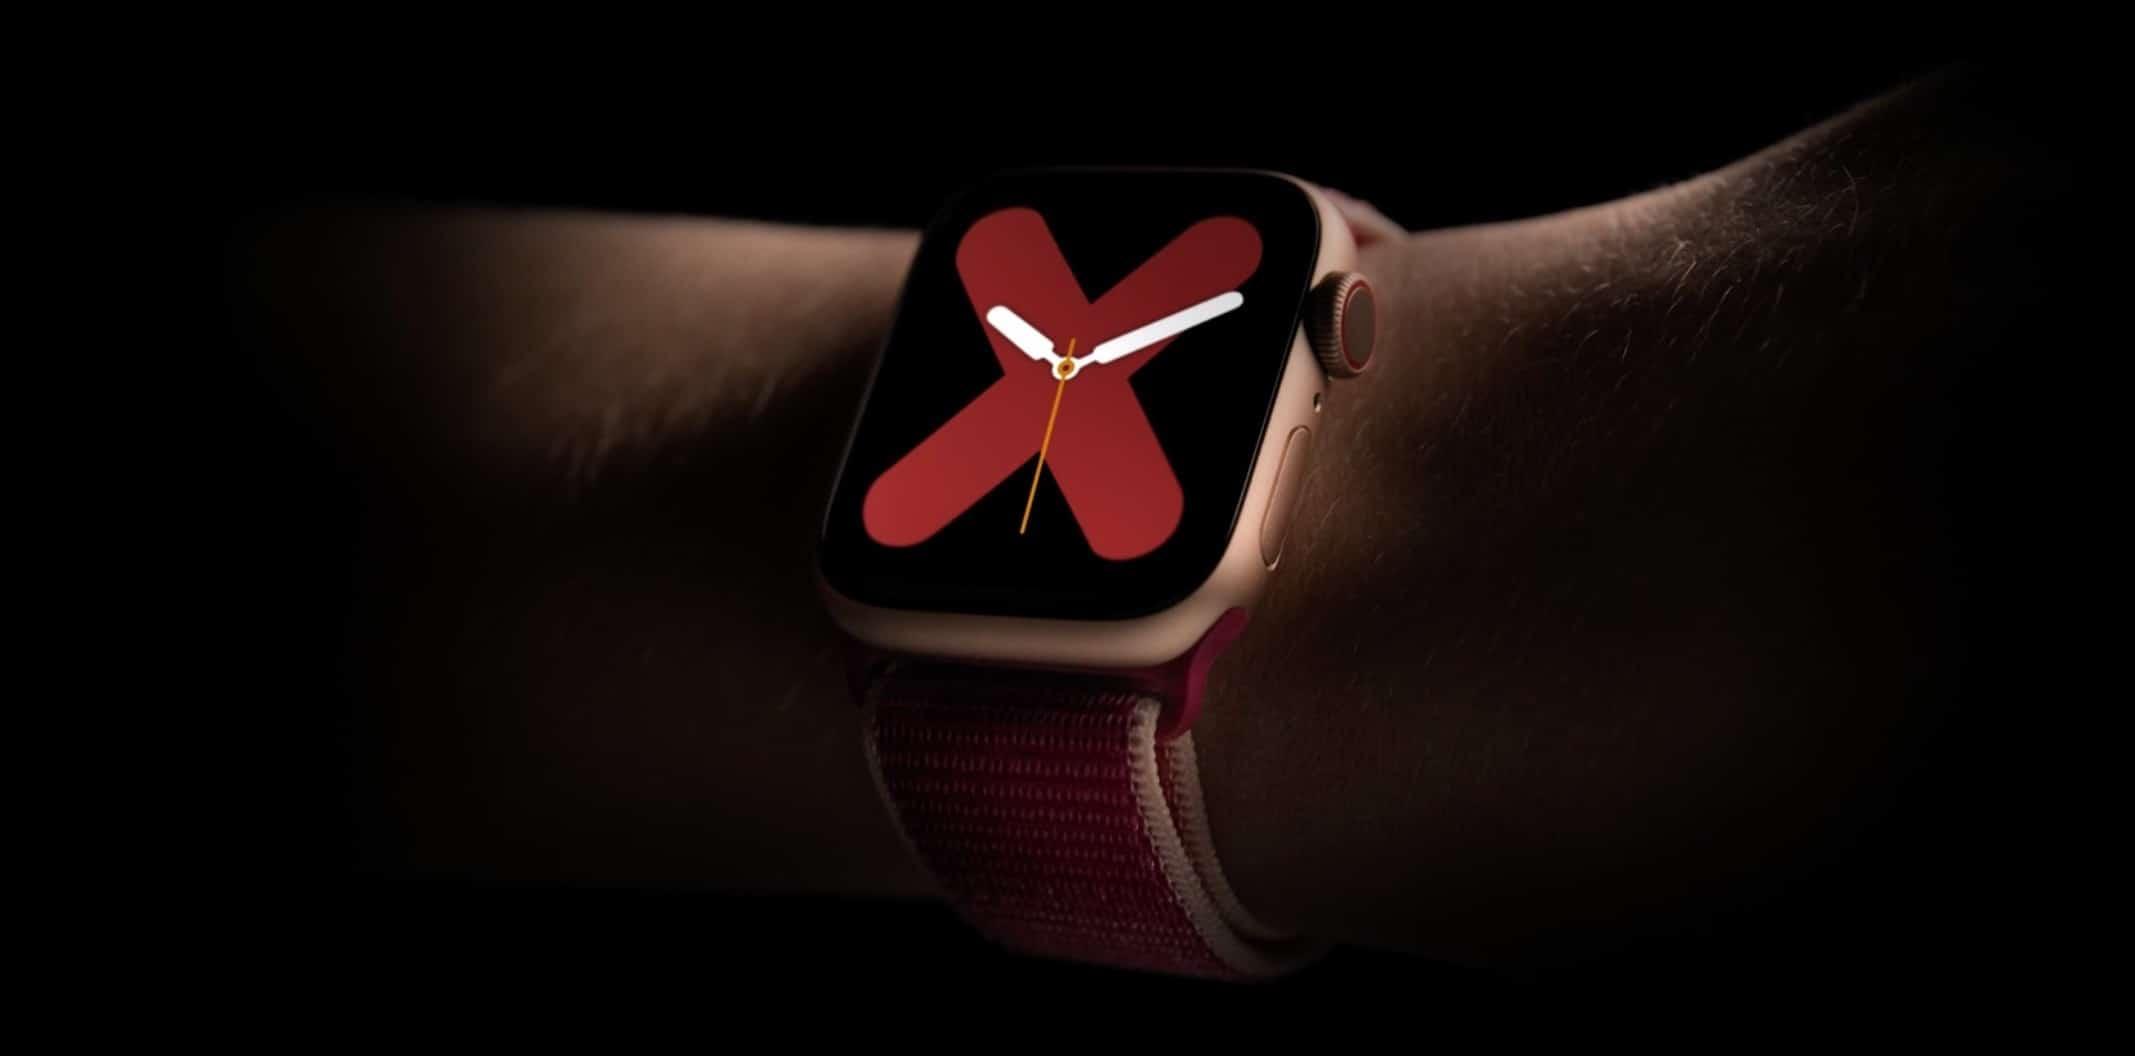 Apple Watch Serie 5Apple Watch Serie 5